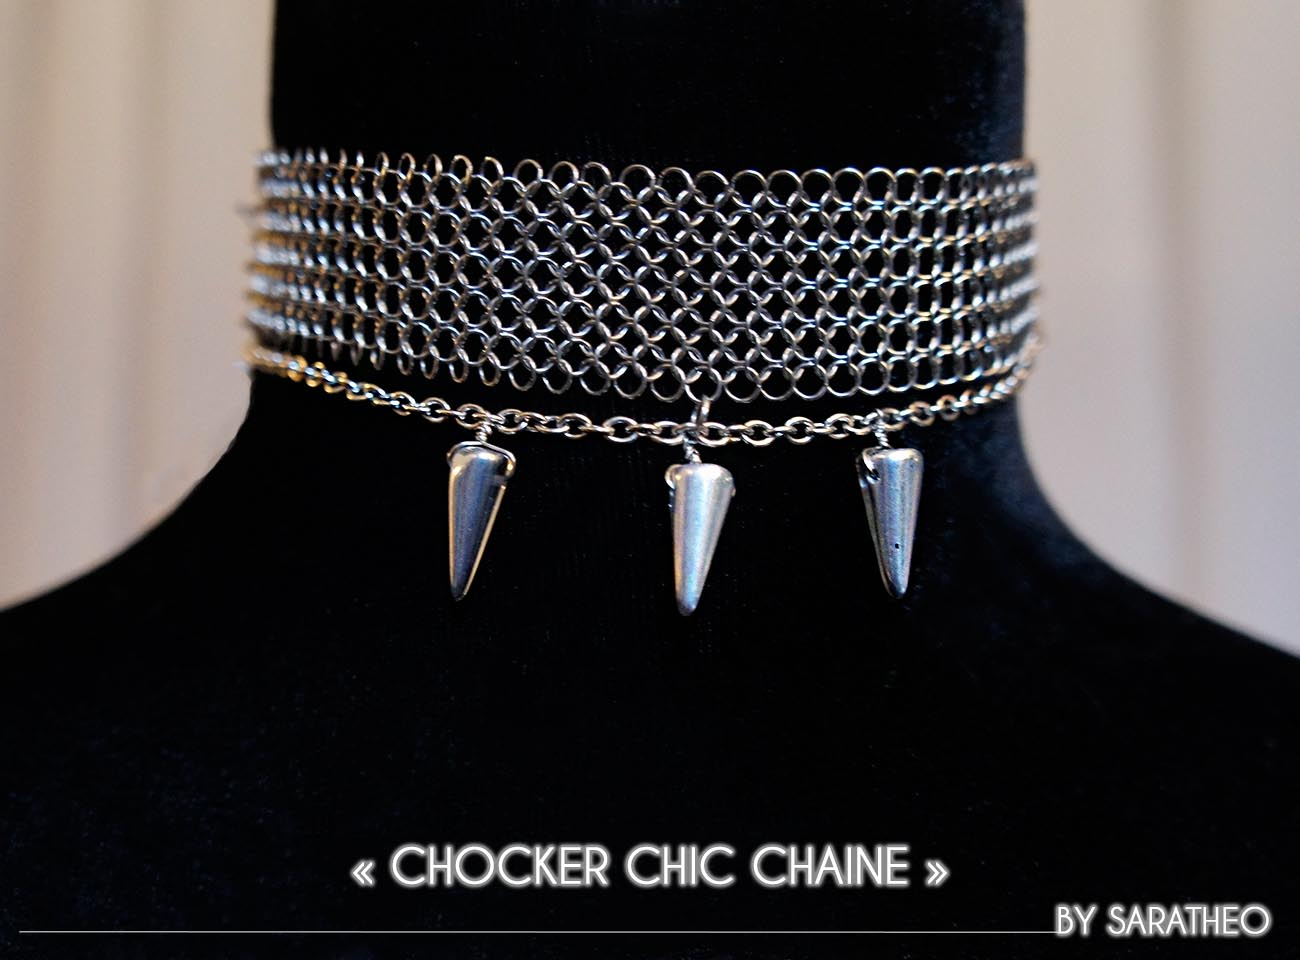 chocker Orion chic chain, BY SARATHEO